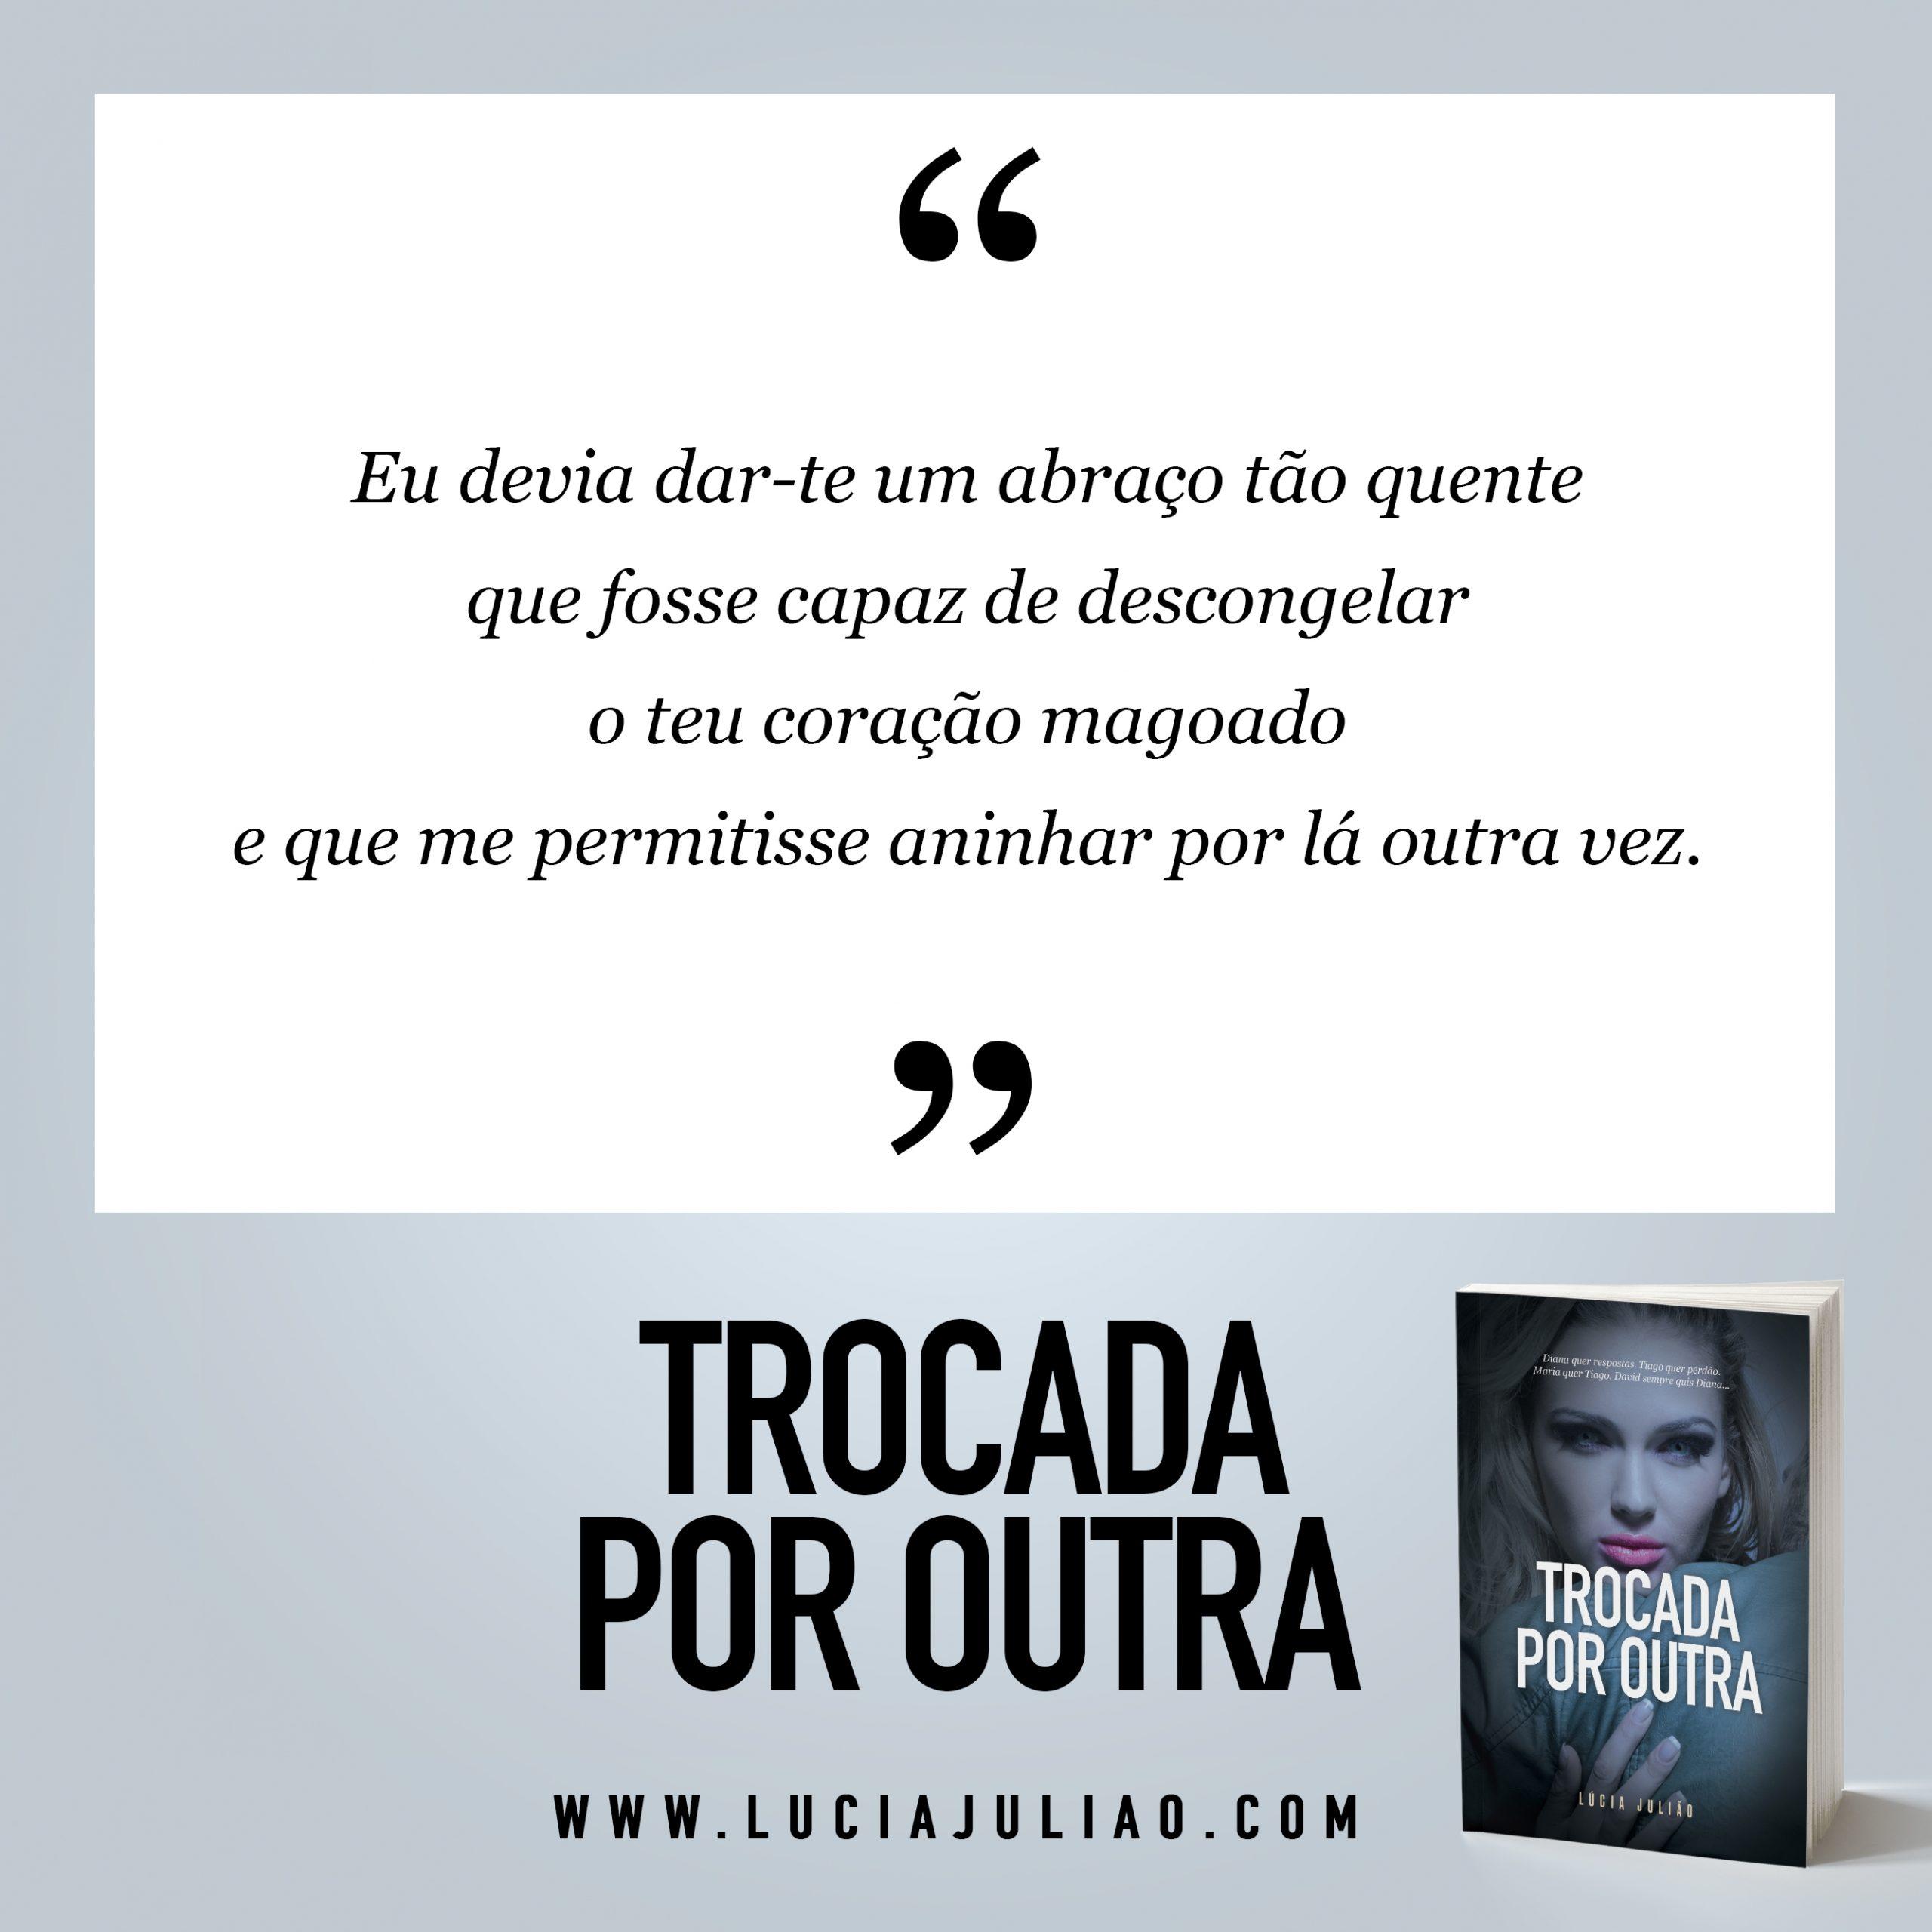 036Q - capitulo 11 Trocada por outra - Lúcia Julião